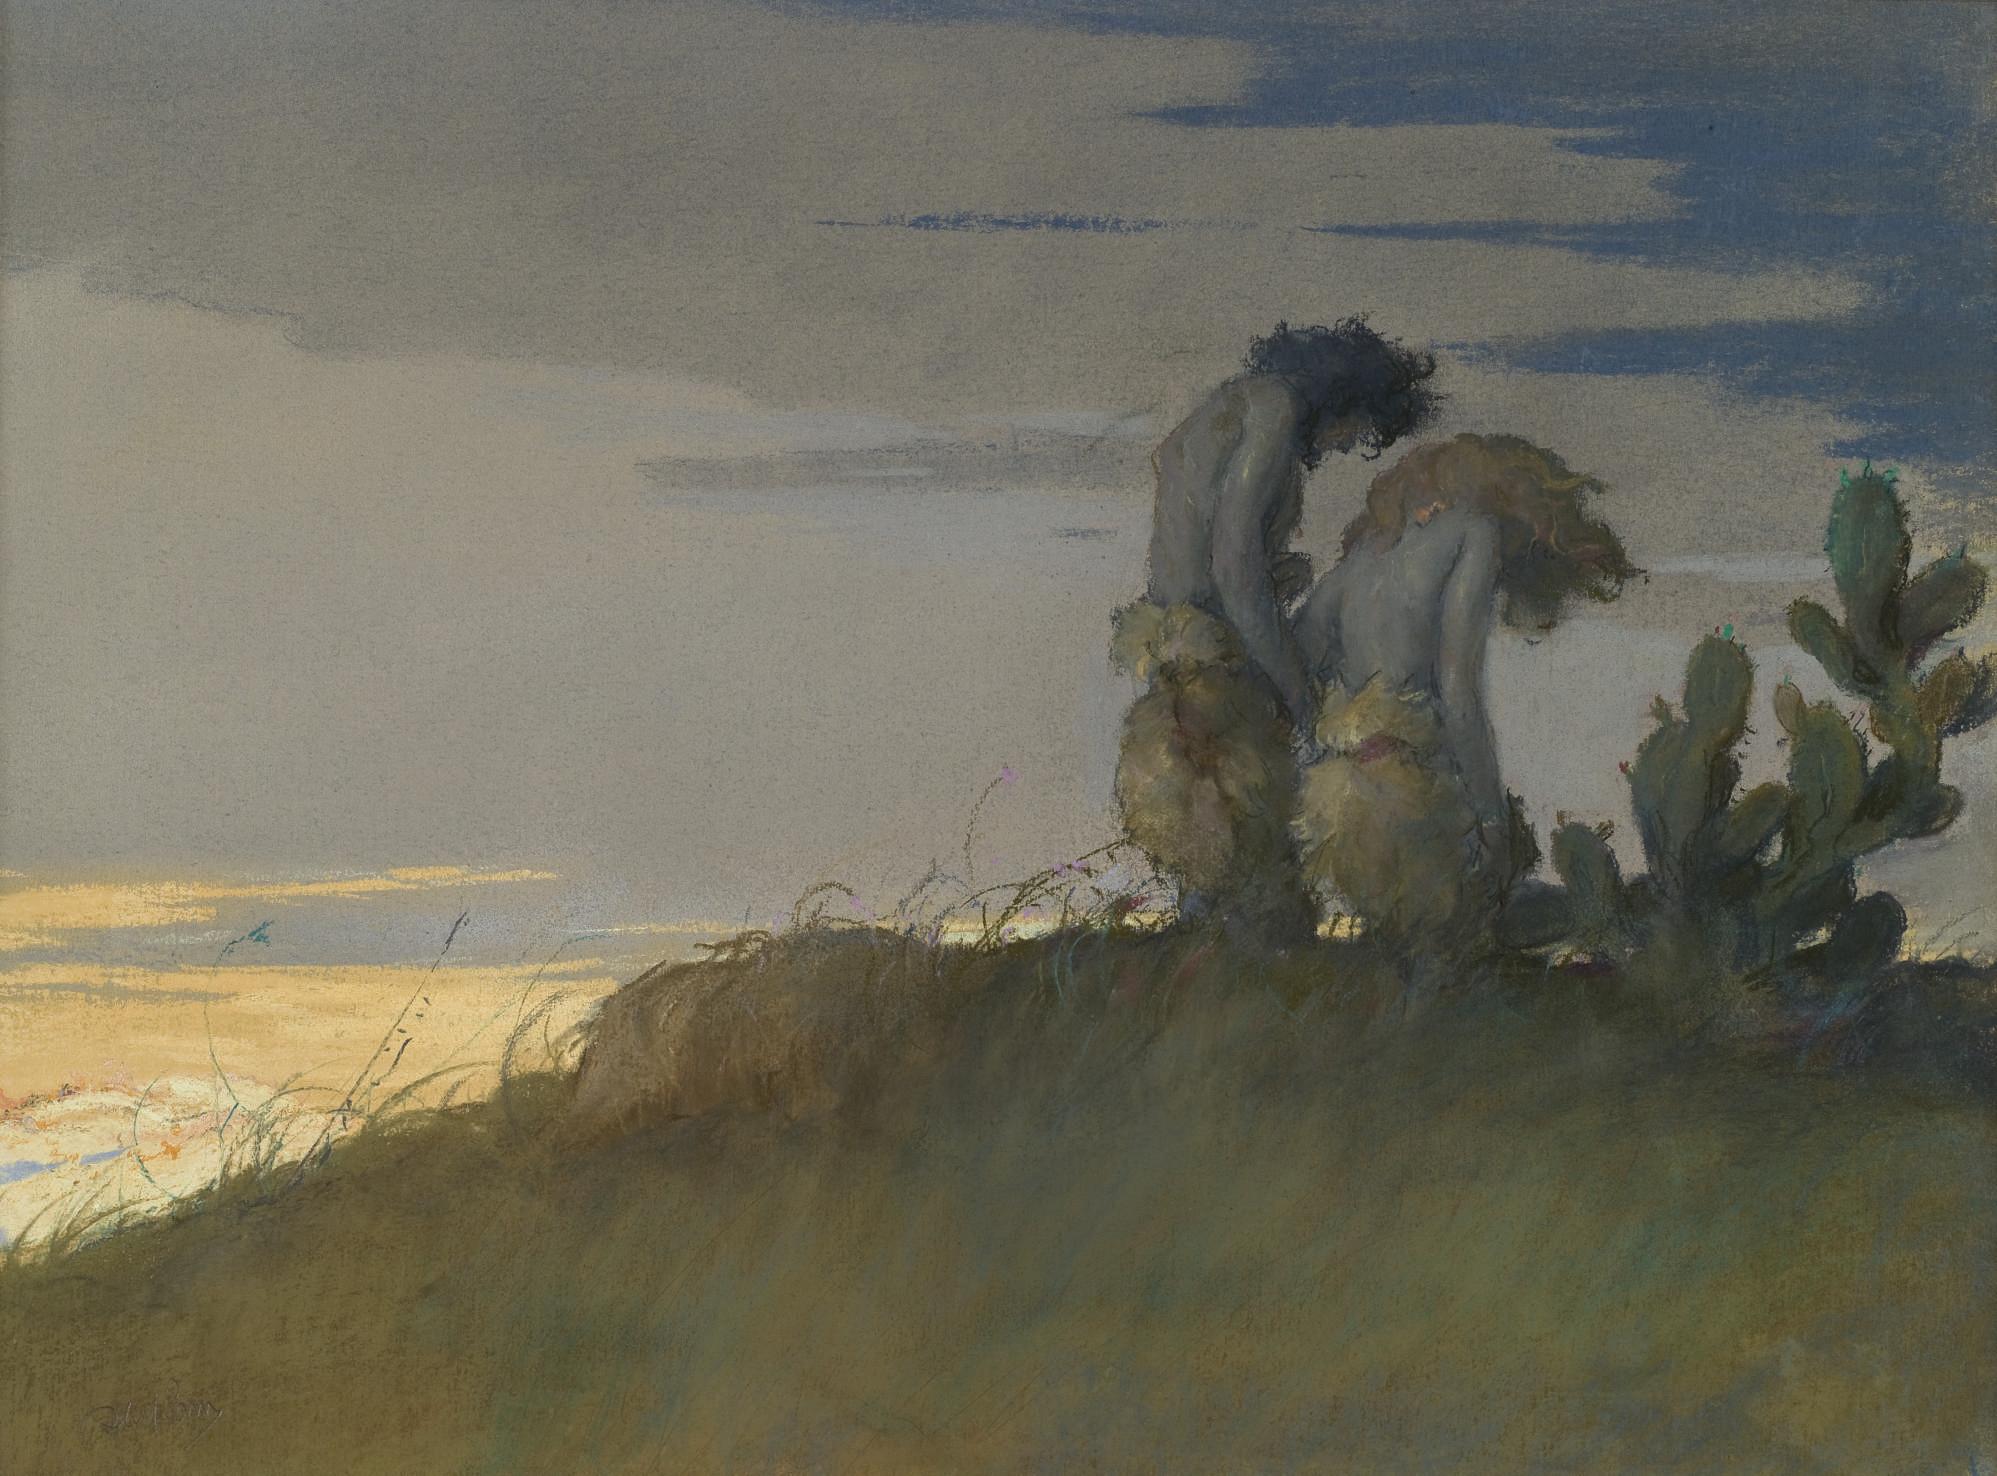 ABEL PANN (1883 - 1963)